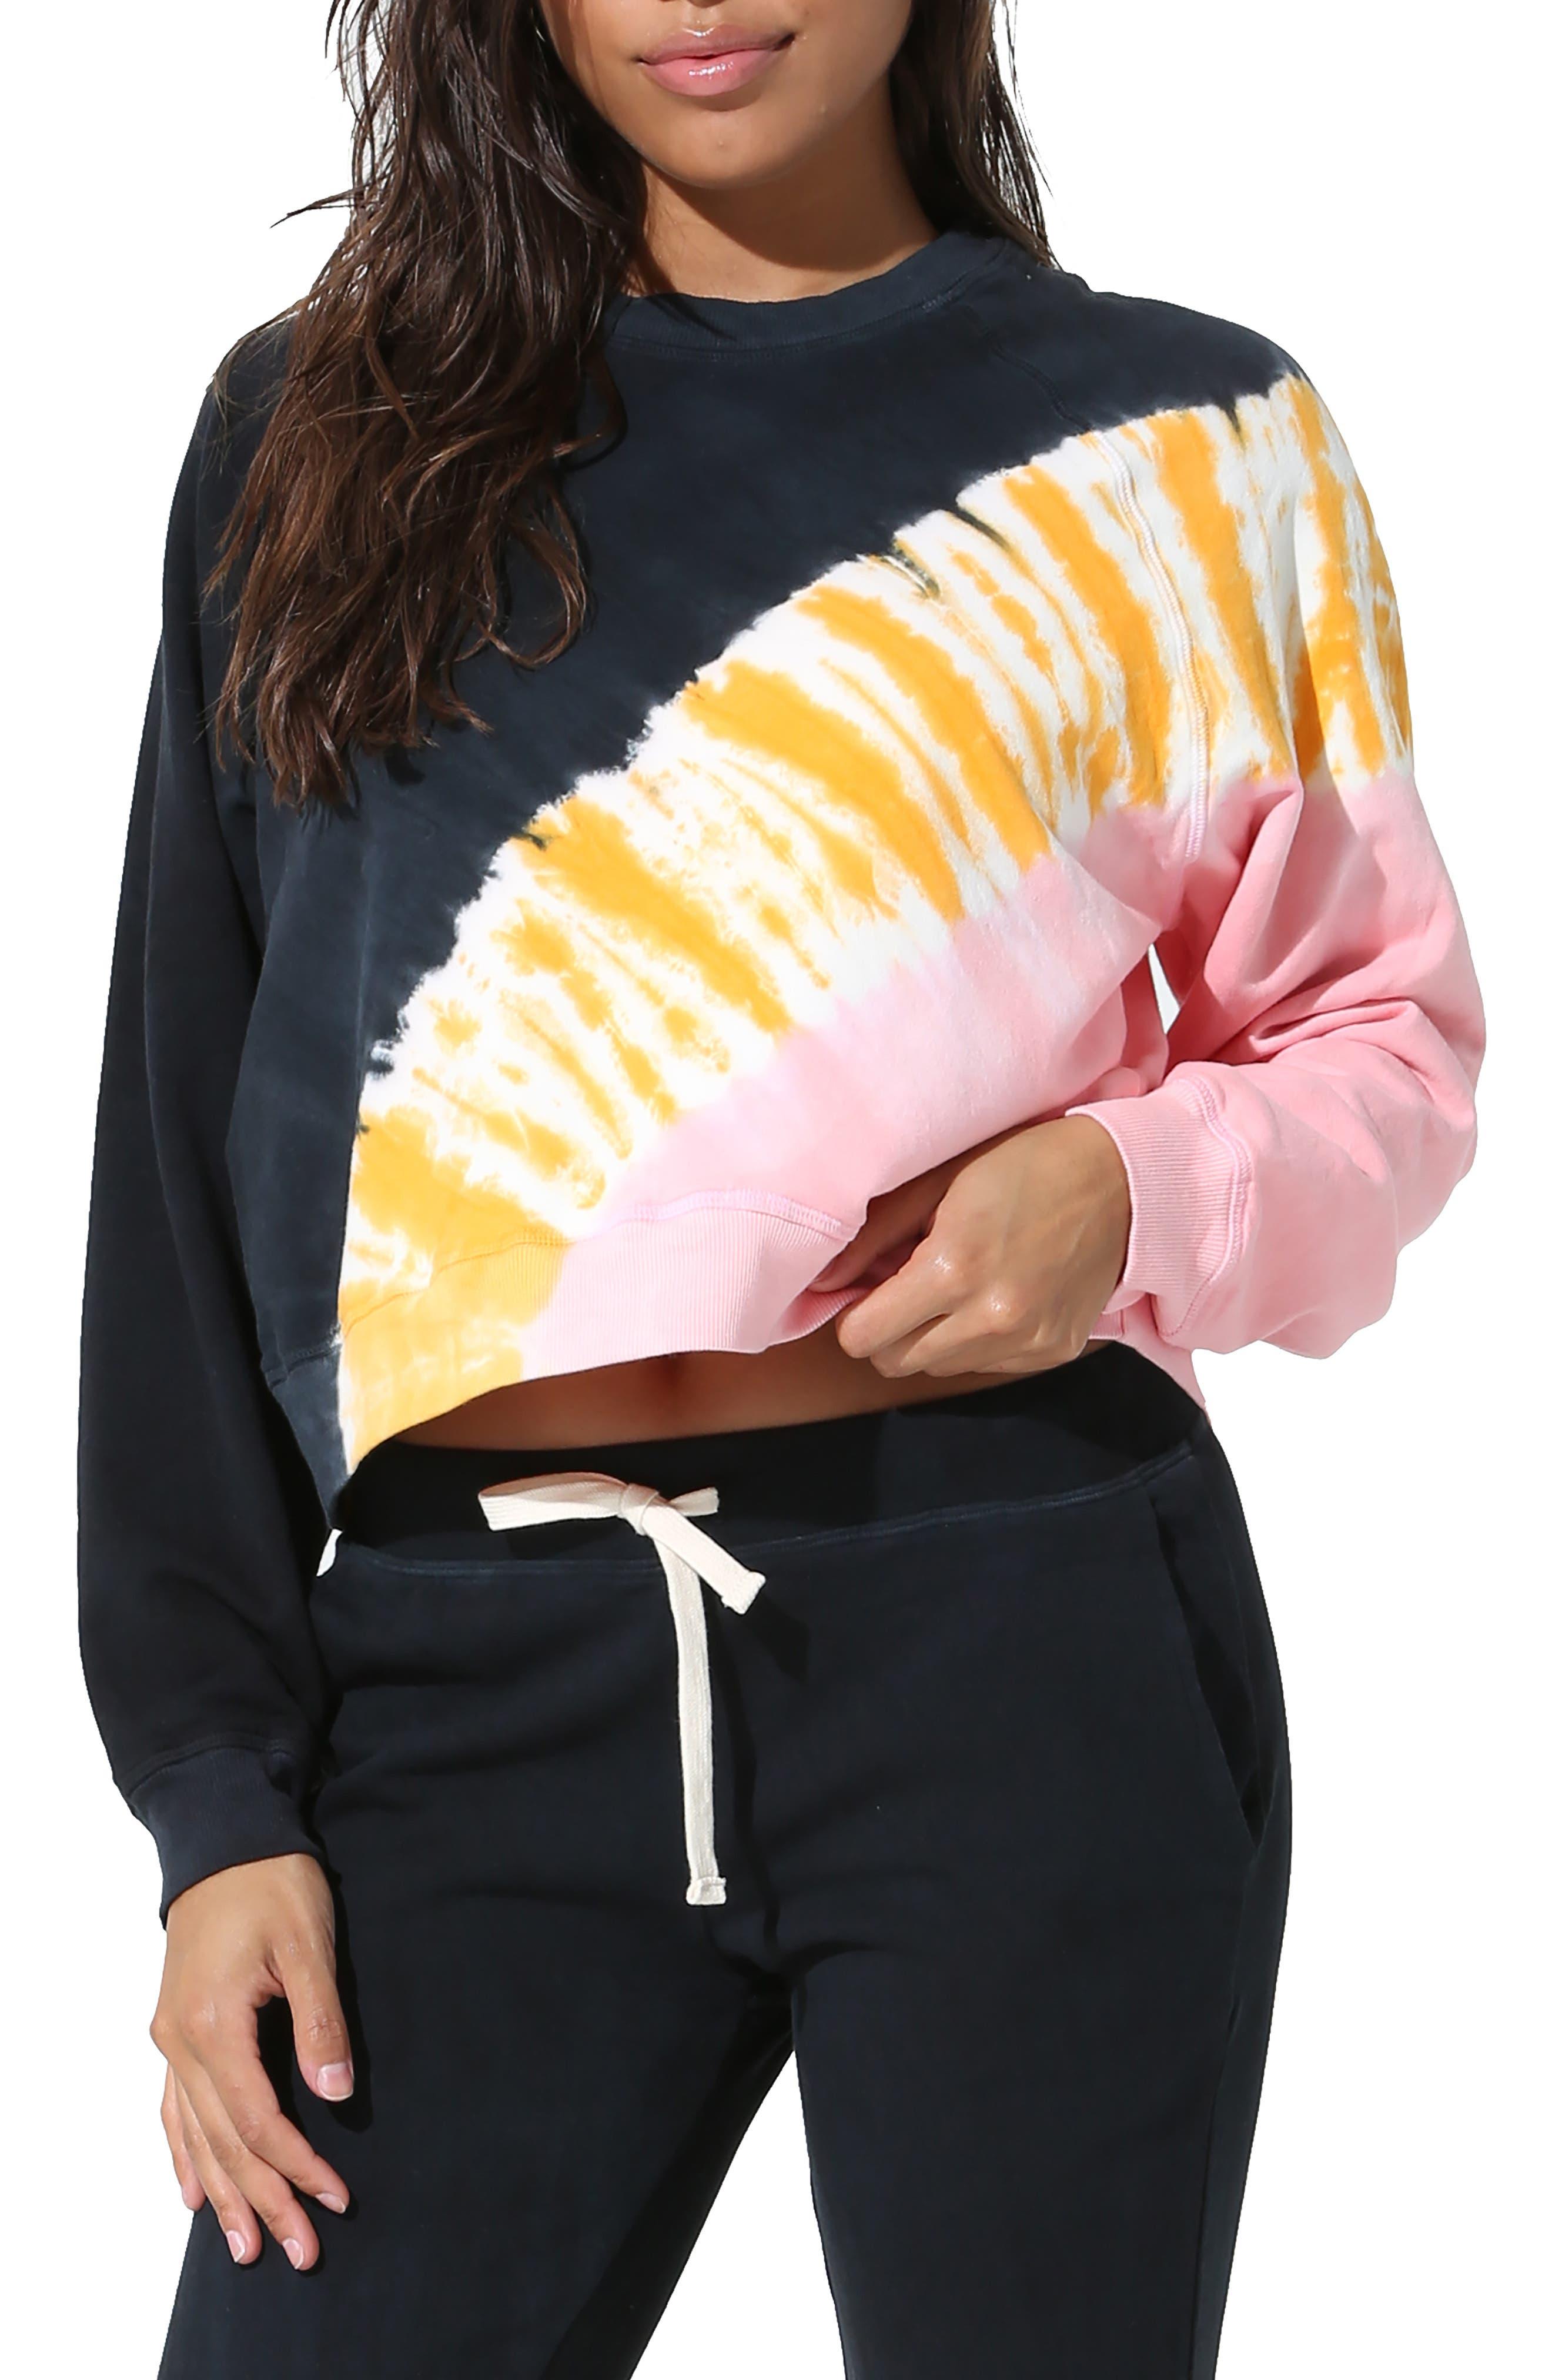 Ronan Tie Dye Sweatshirt